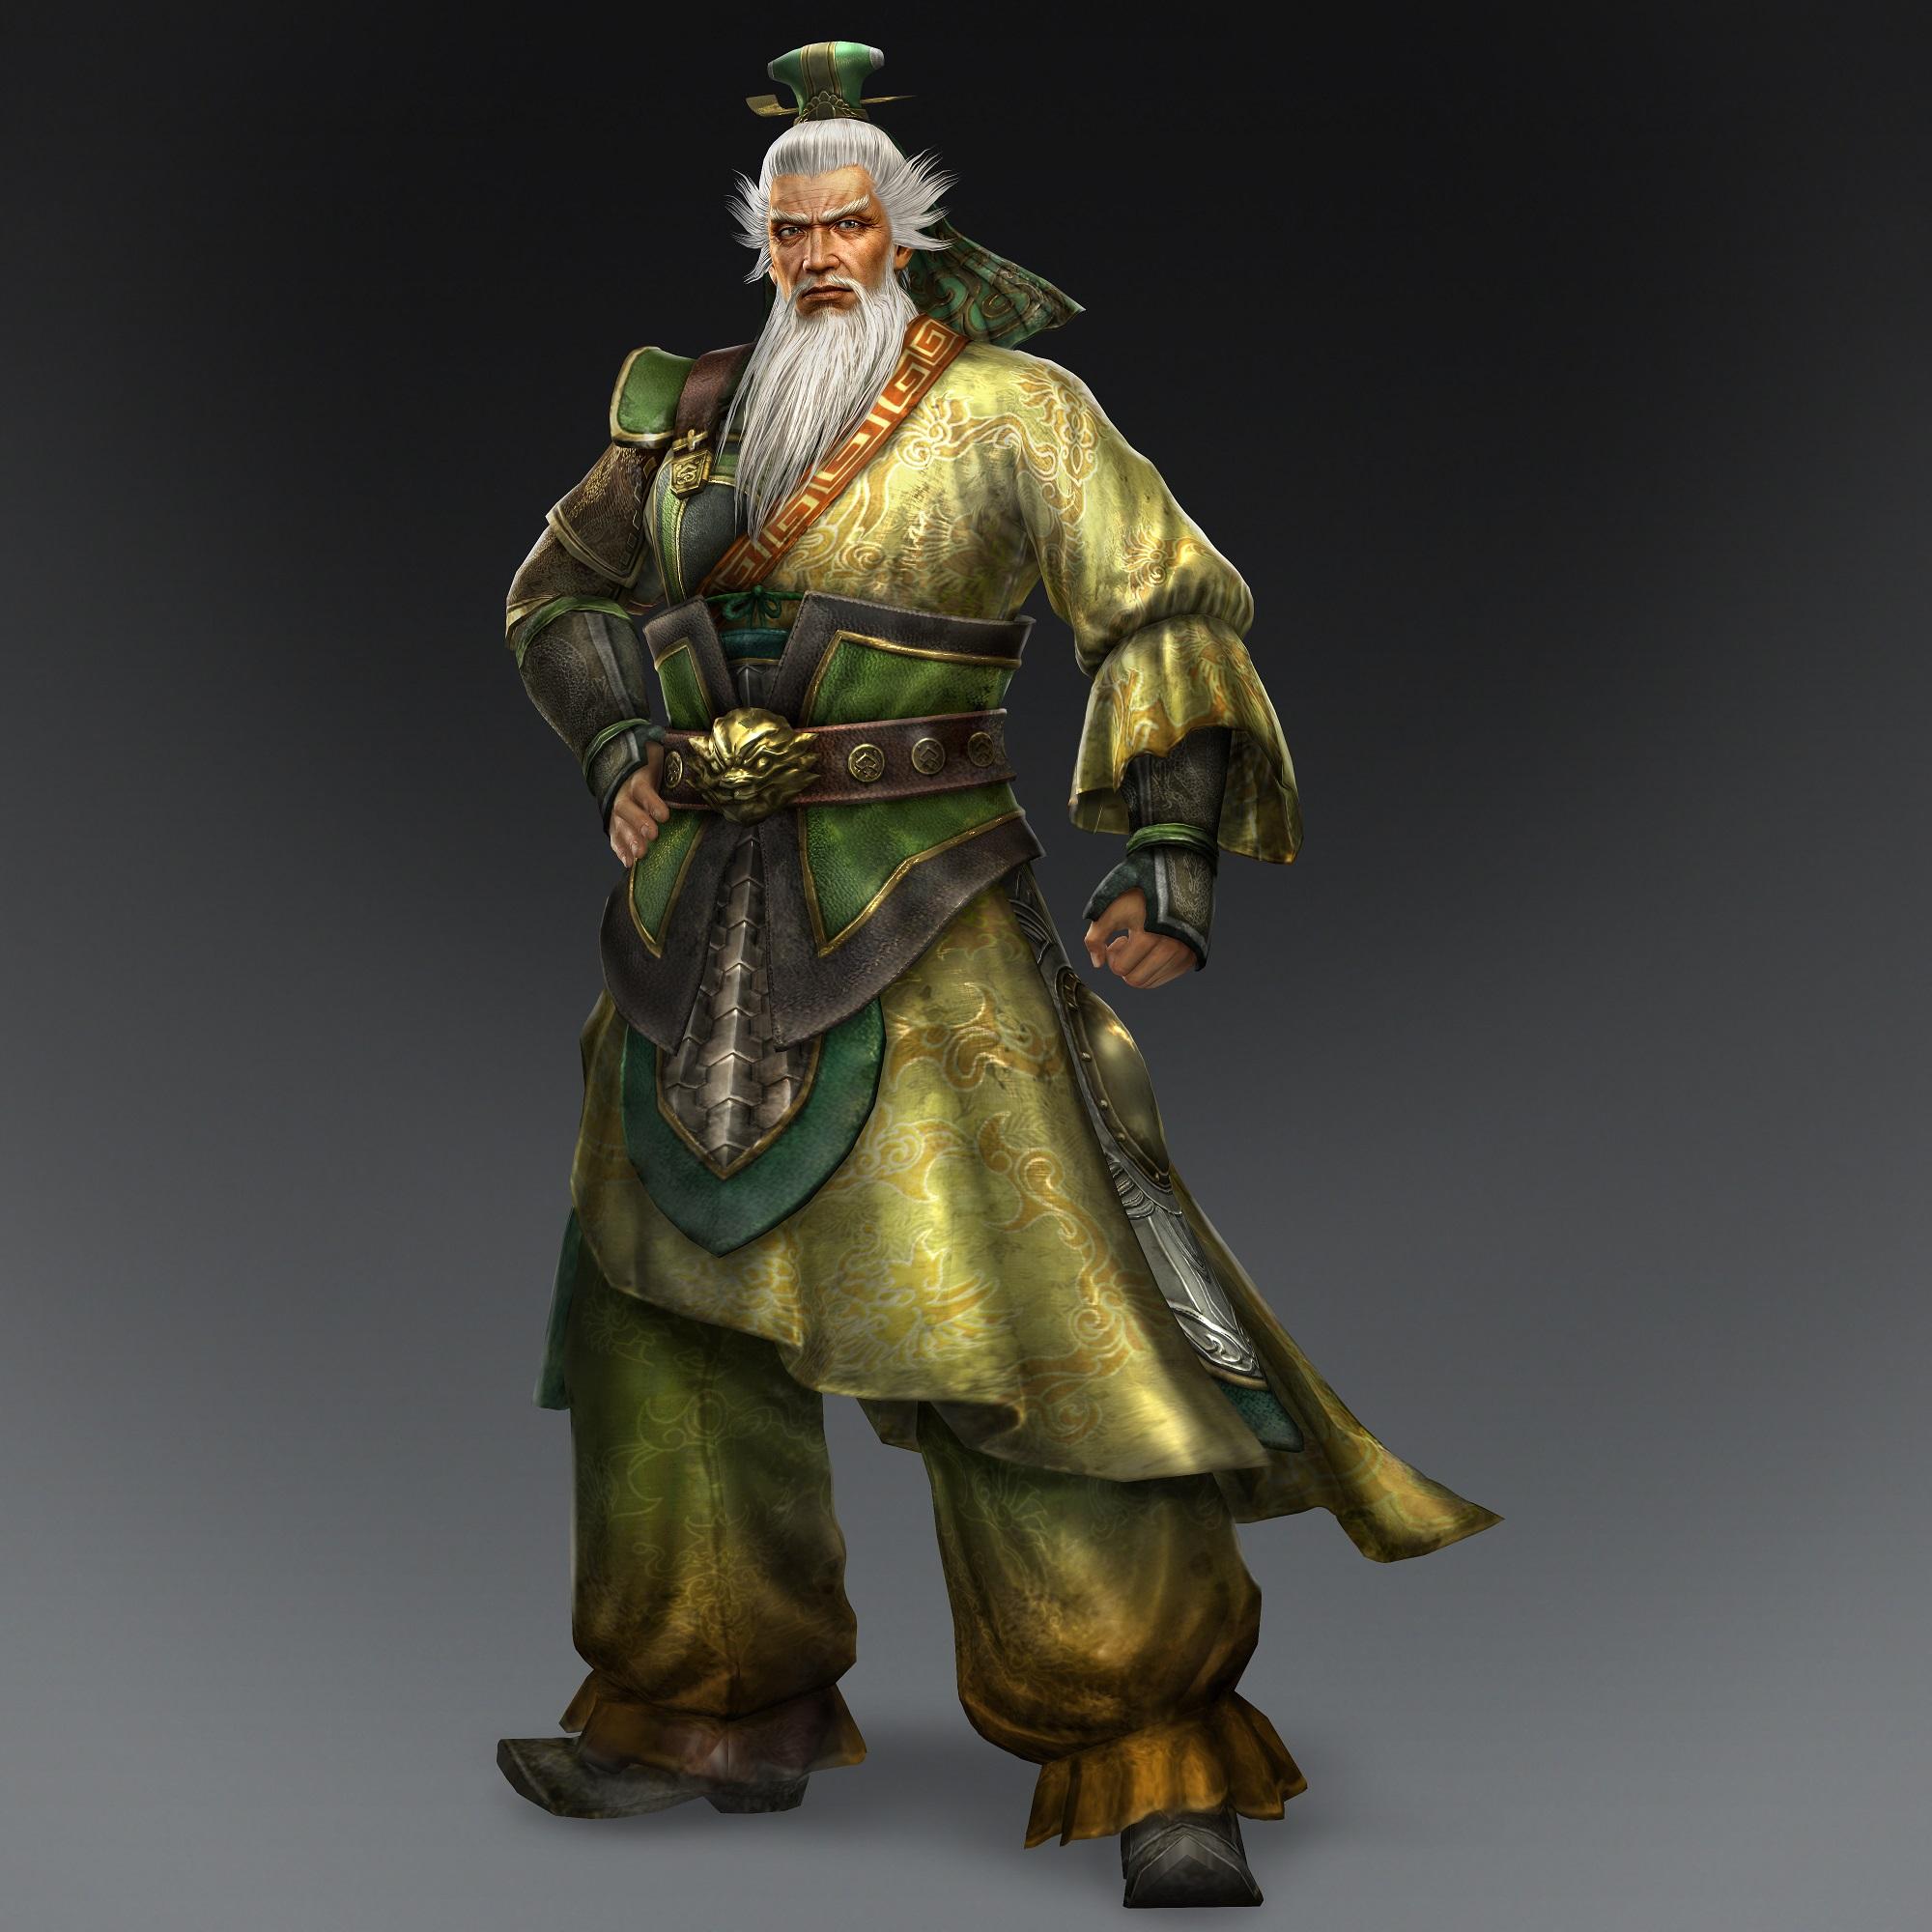 Huang Fei Hong Yi Guan Cai Hong Qiao 1959: Dynasty Warriors 8 Announced!